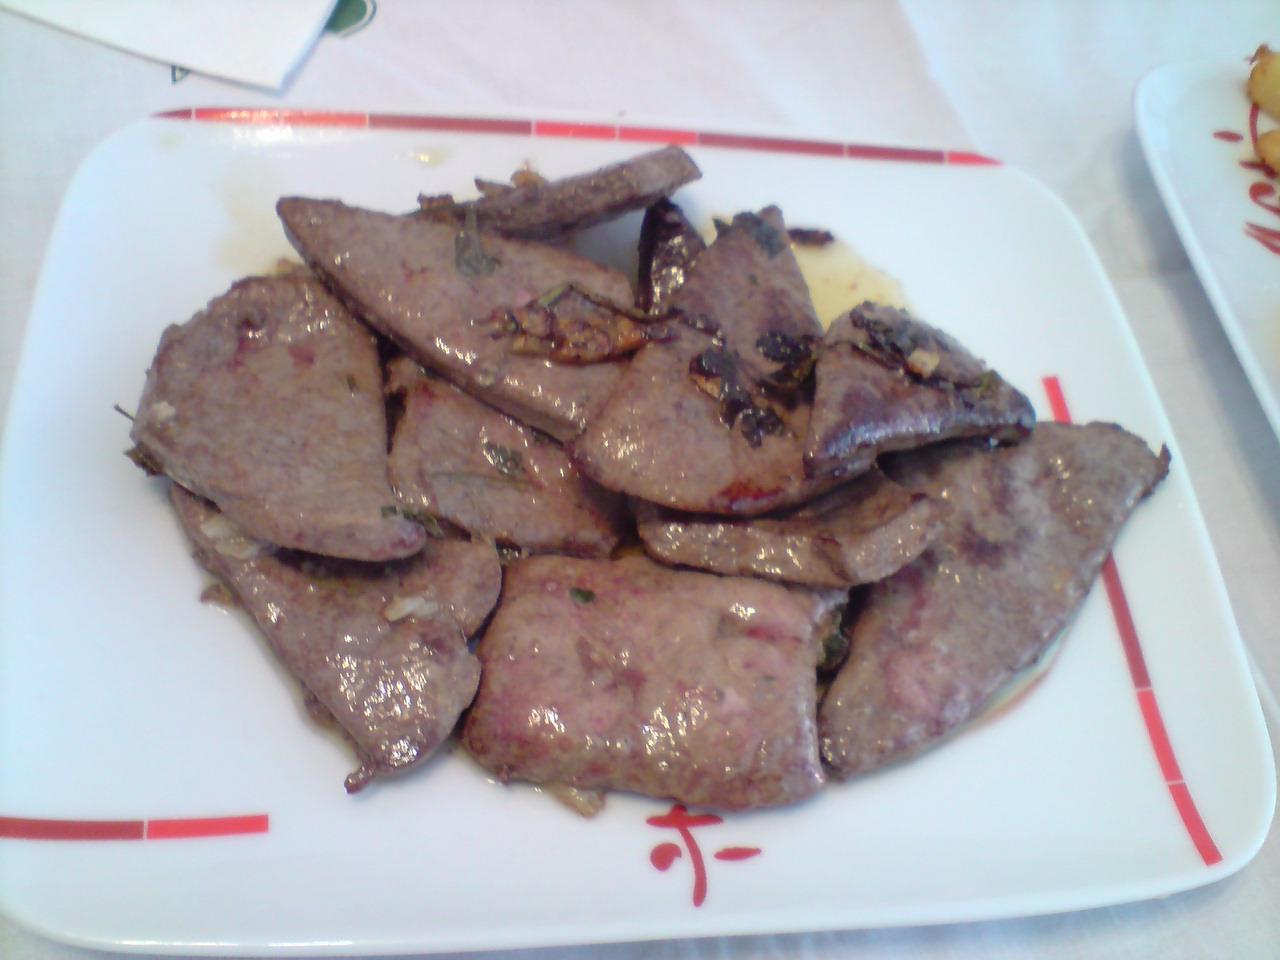 Higado de ternera con patatas fritas cocina casera for Cocinar higado de ternera